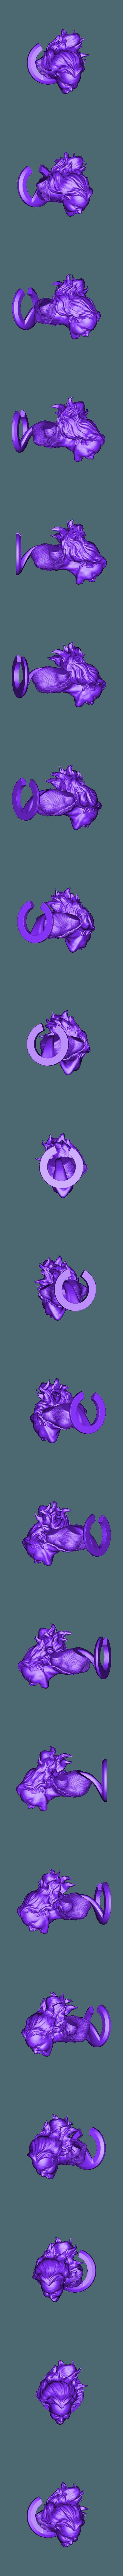 JoyfulYell_High.stl Télécharger fichier STL gratuit Le joyeux hurlement • Plan pour imprimante 3D, bendansie